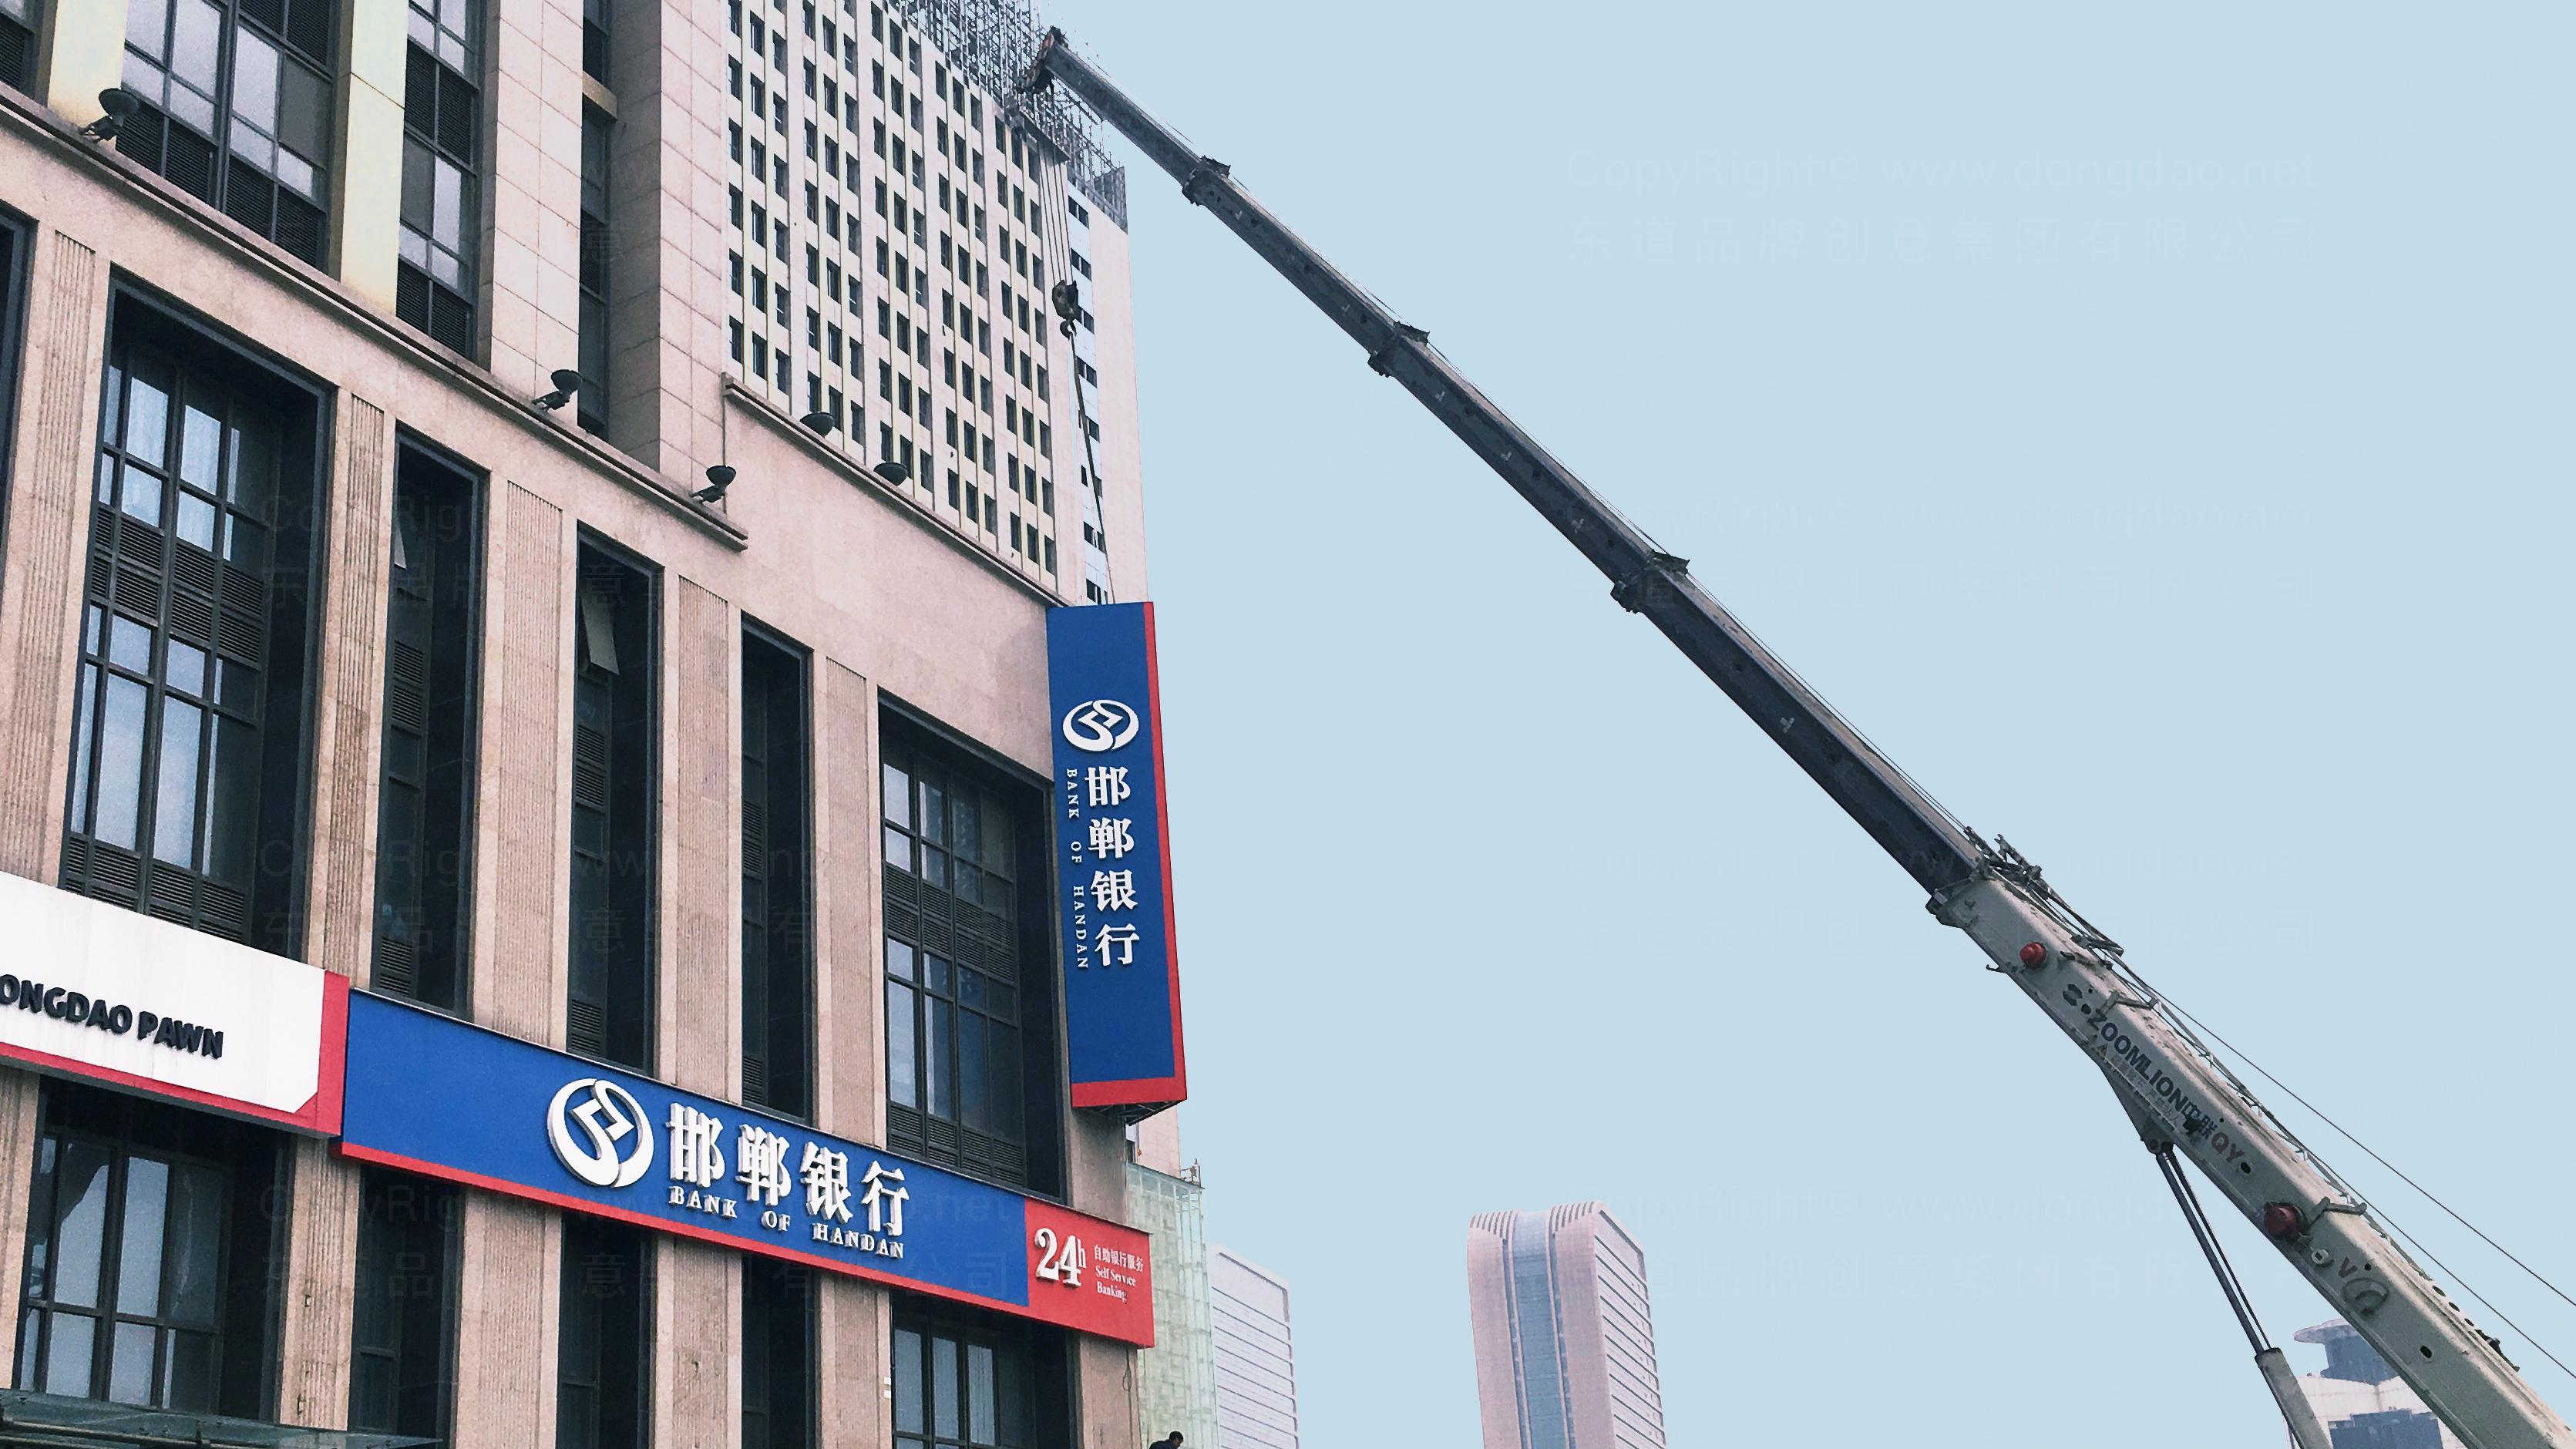 落地工程邯郸银行标识工程应用场景_6